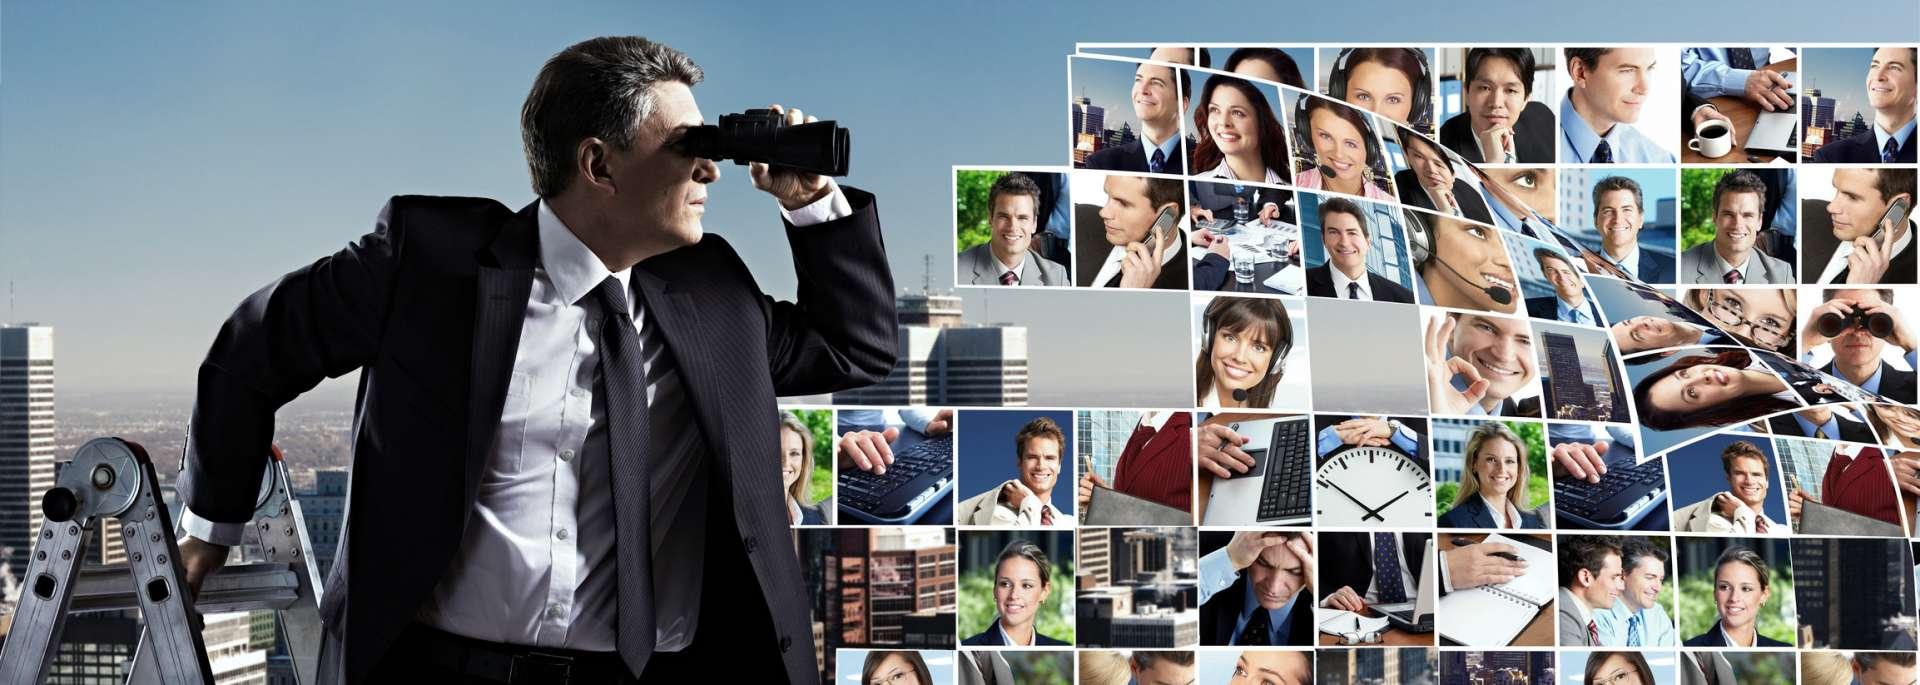 машков баннера для кадровых агентств картинки для